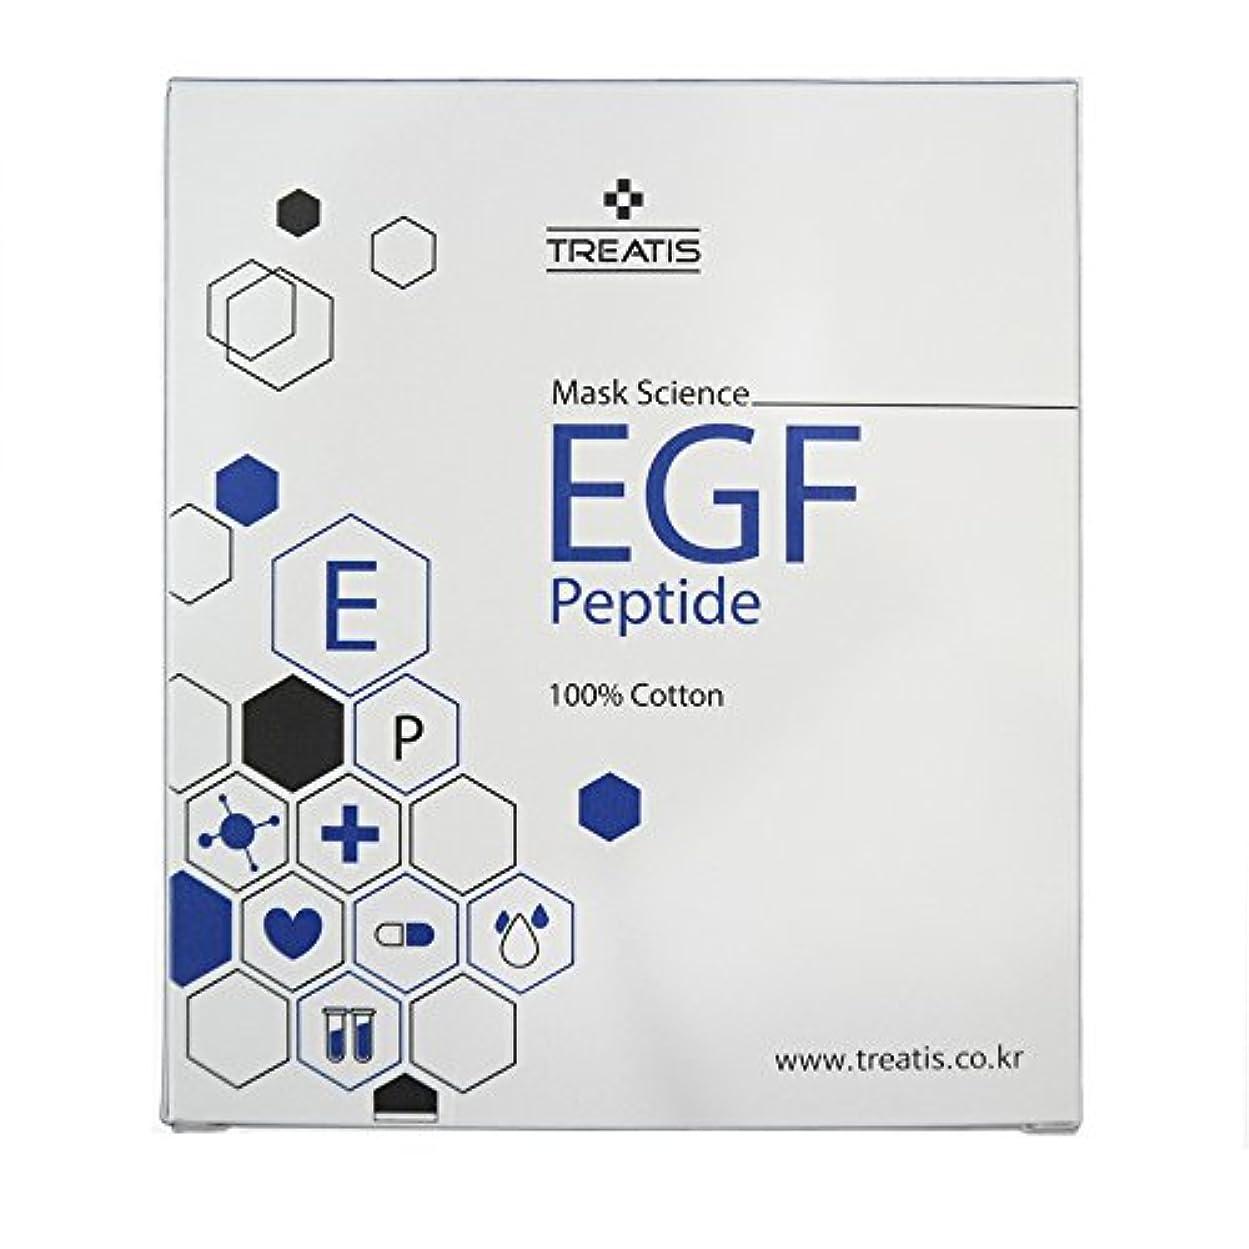 男パネルもちろん贈呈品ありTREATIS EGF PEPTIDE MASK PACK (10 Sheet) [並行輸入品]